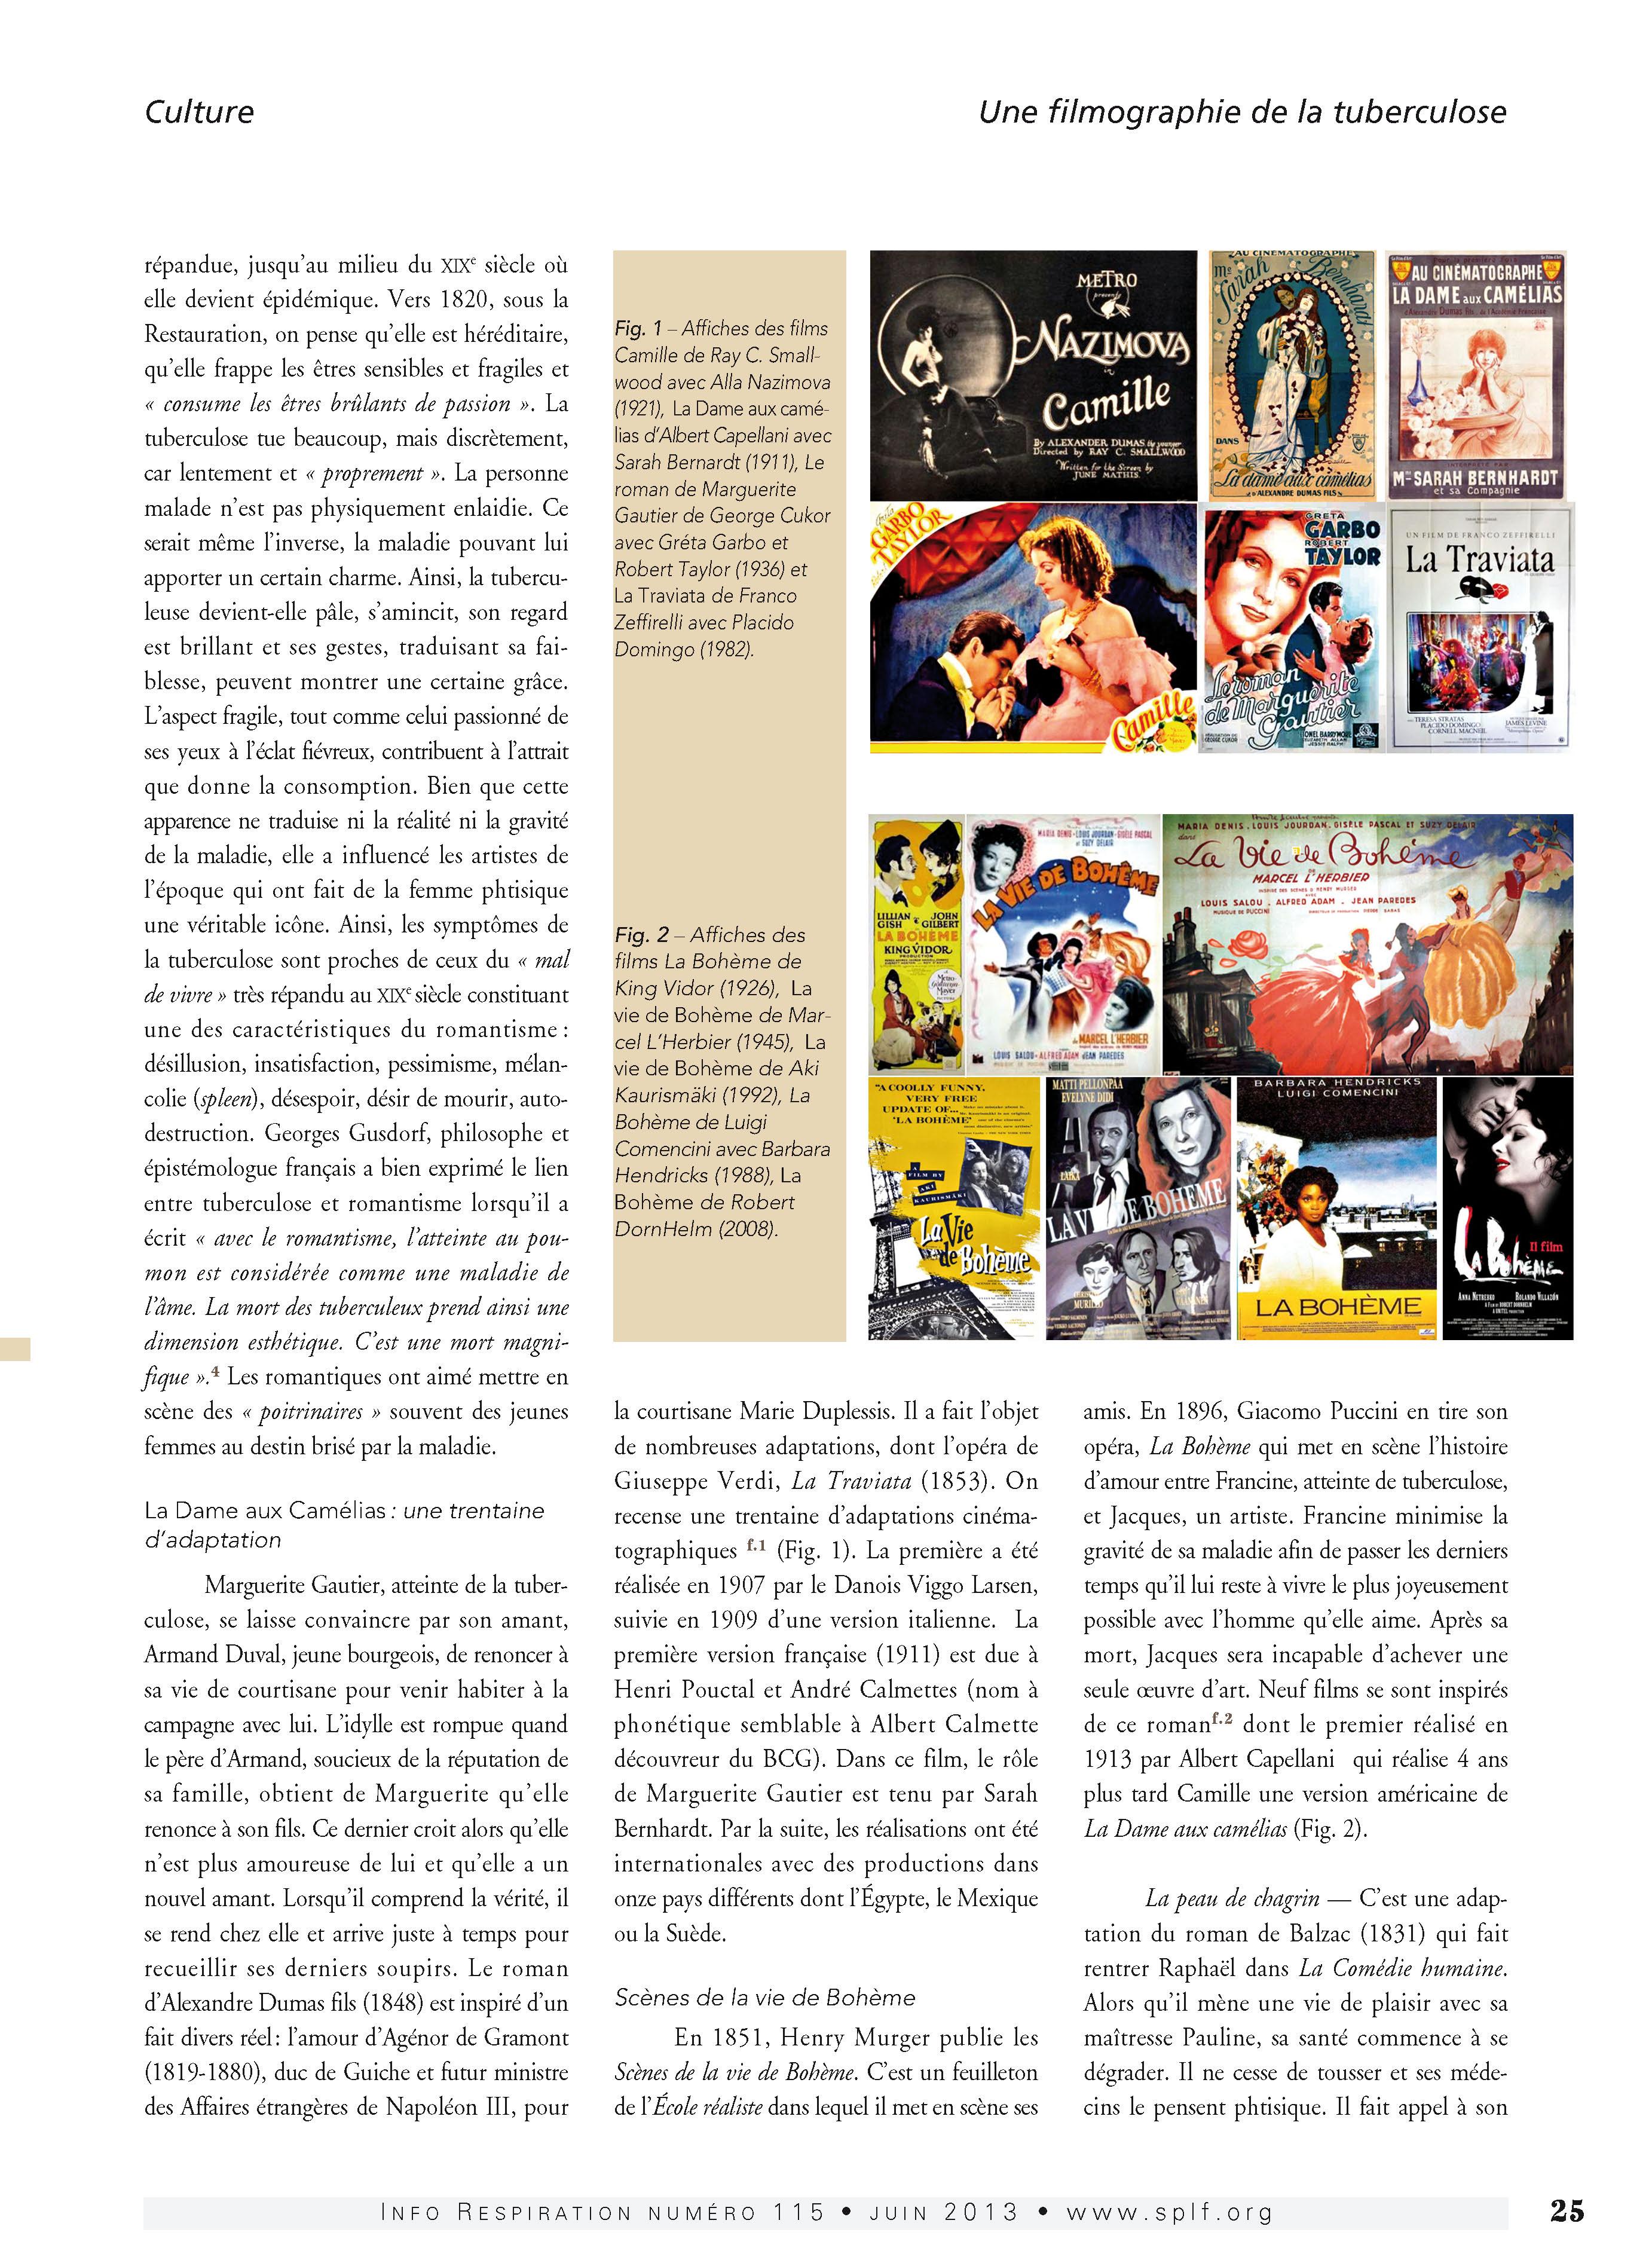 Culture-filmographie_Page_2